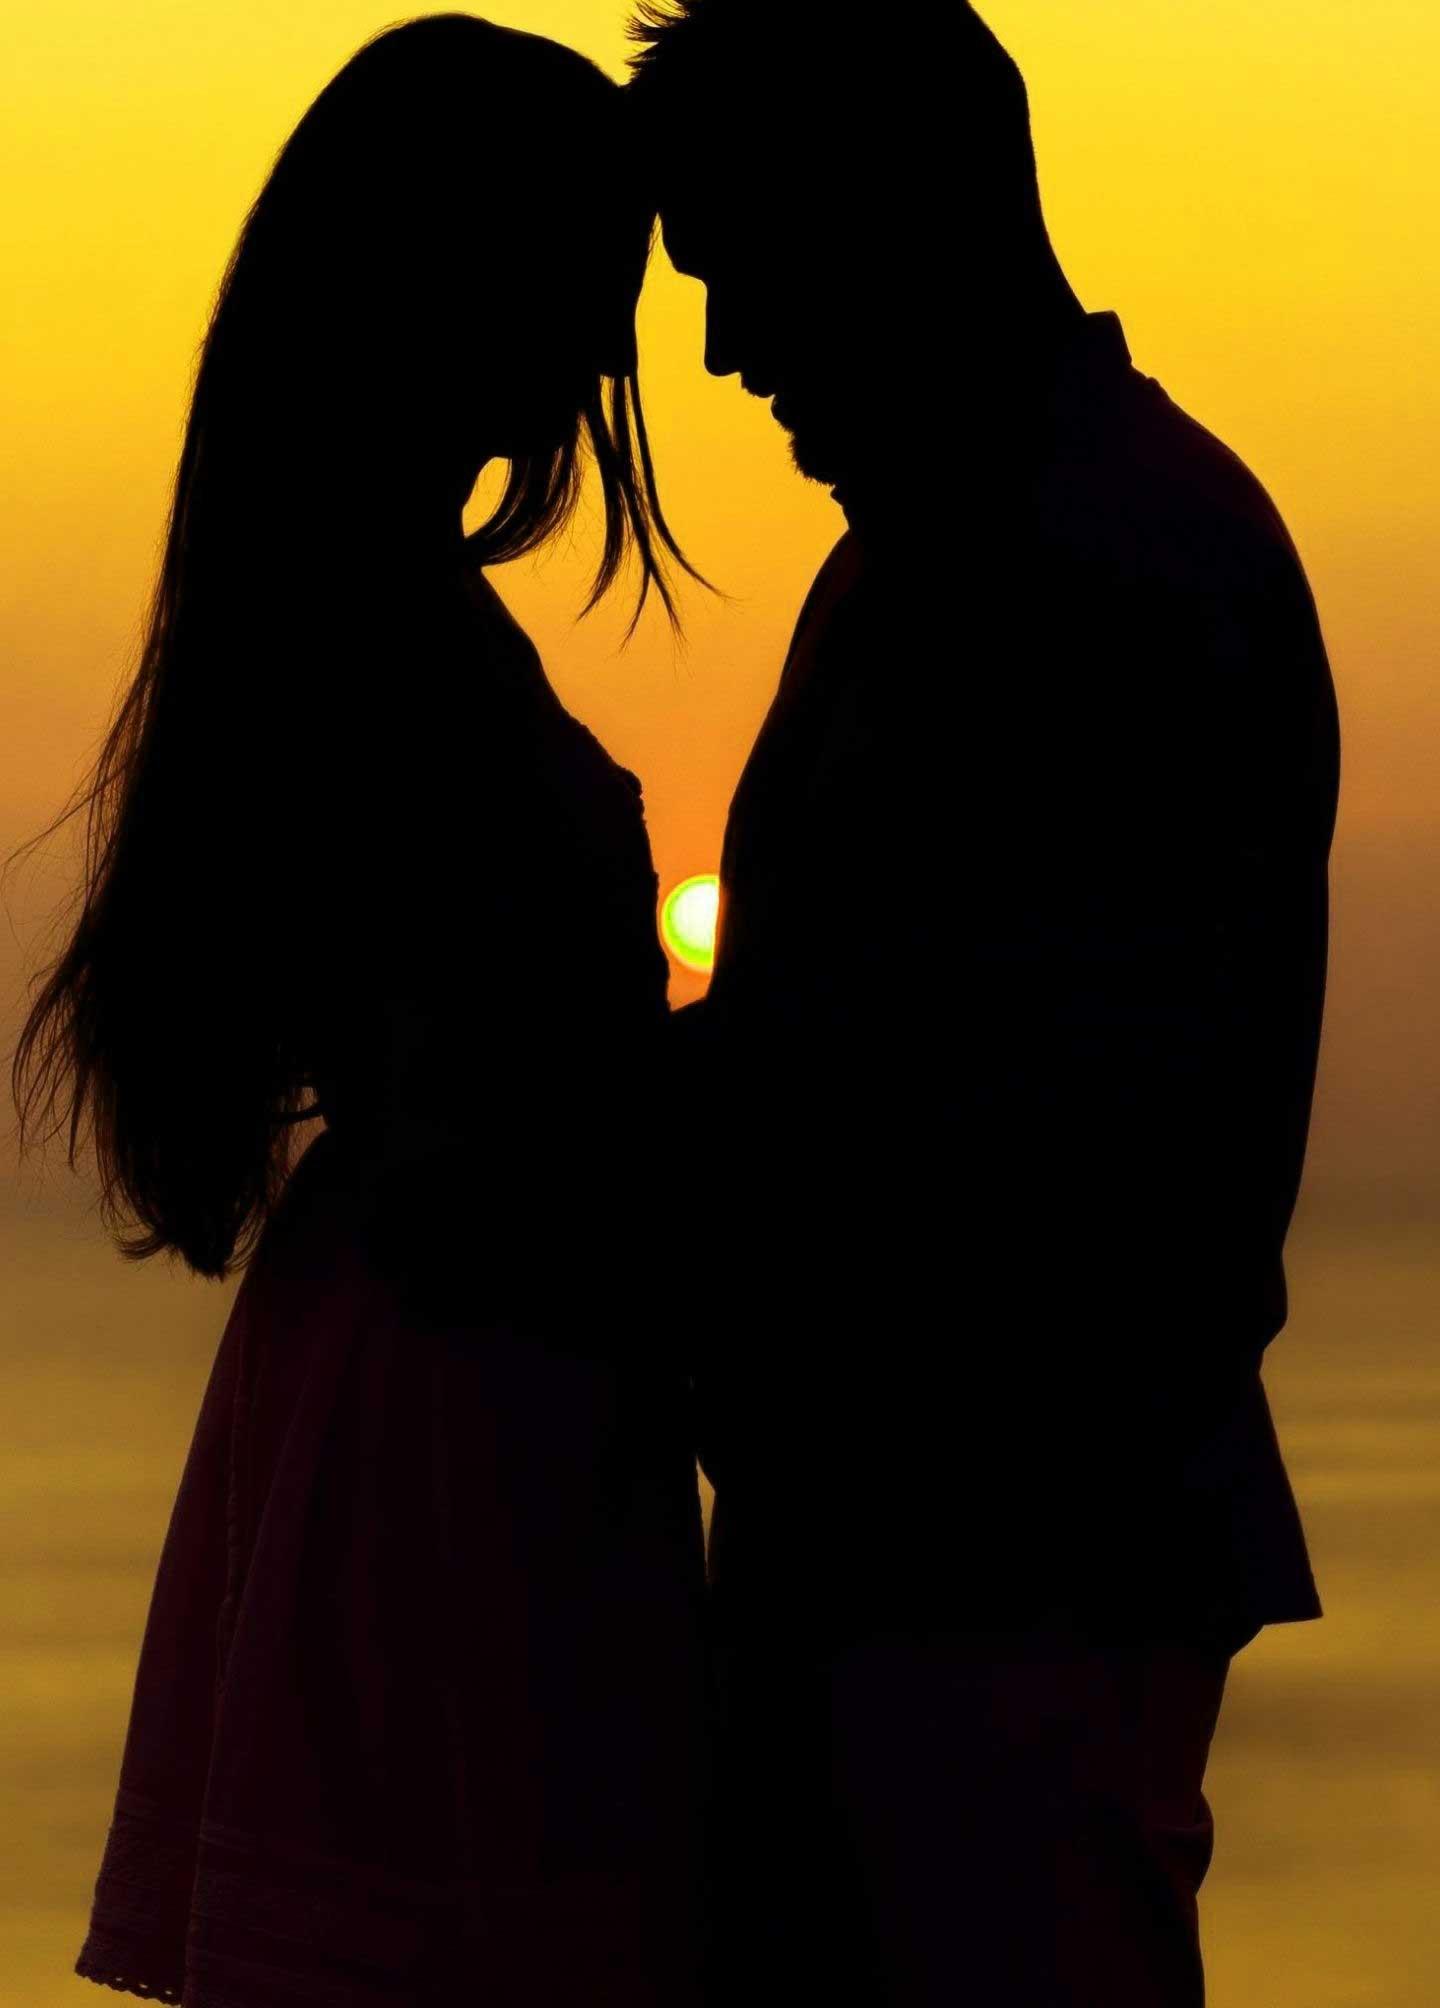 Best Romantic Whatsapp DP Download